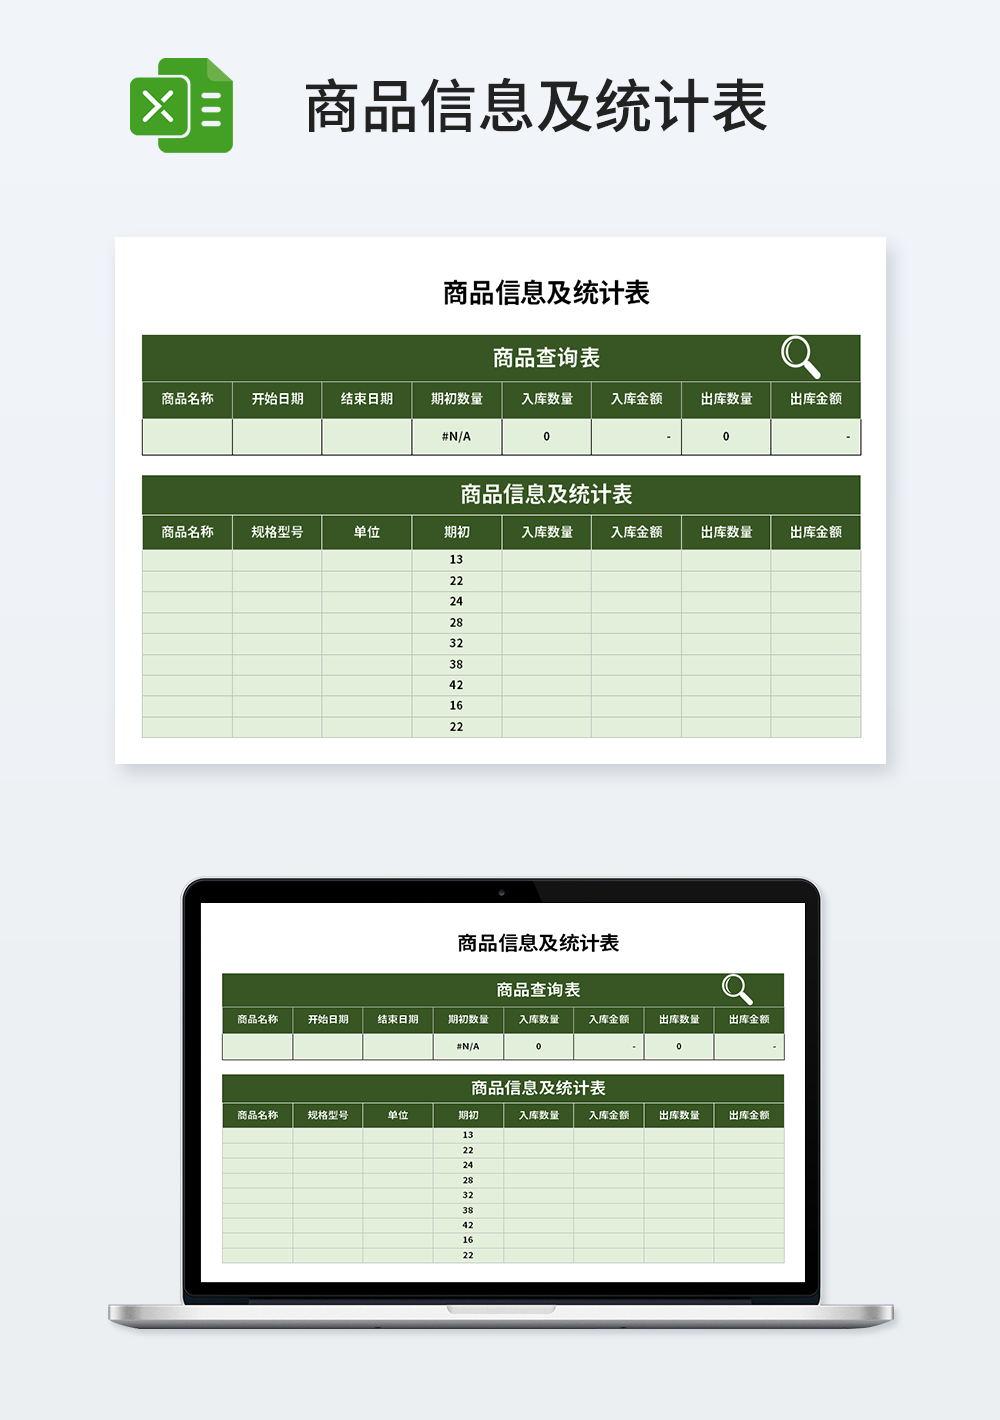 商品信息及统计表模板